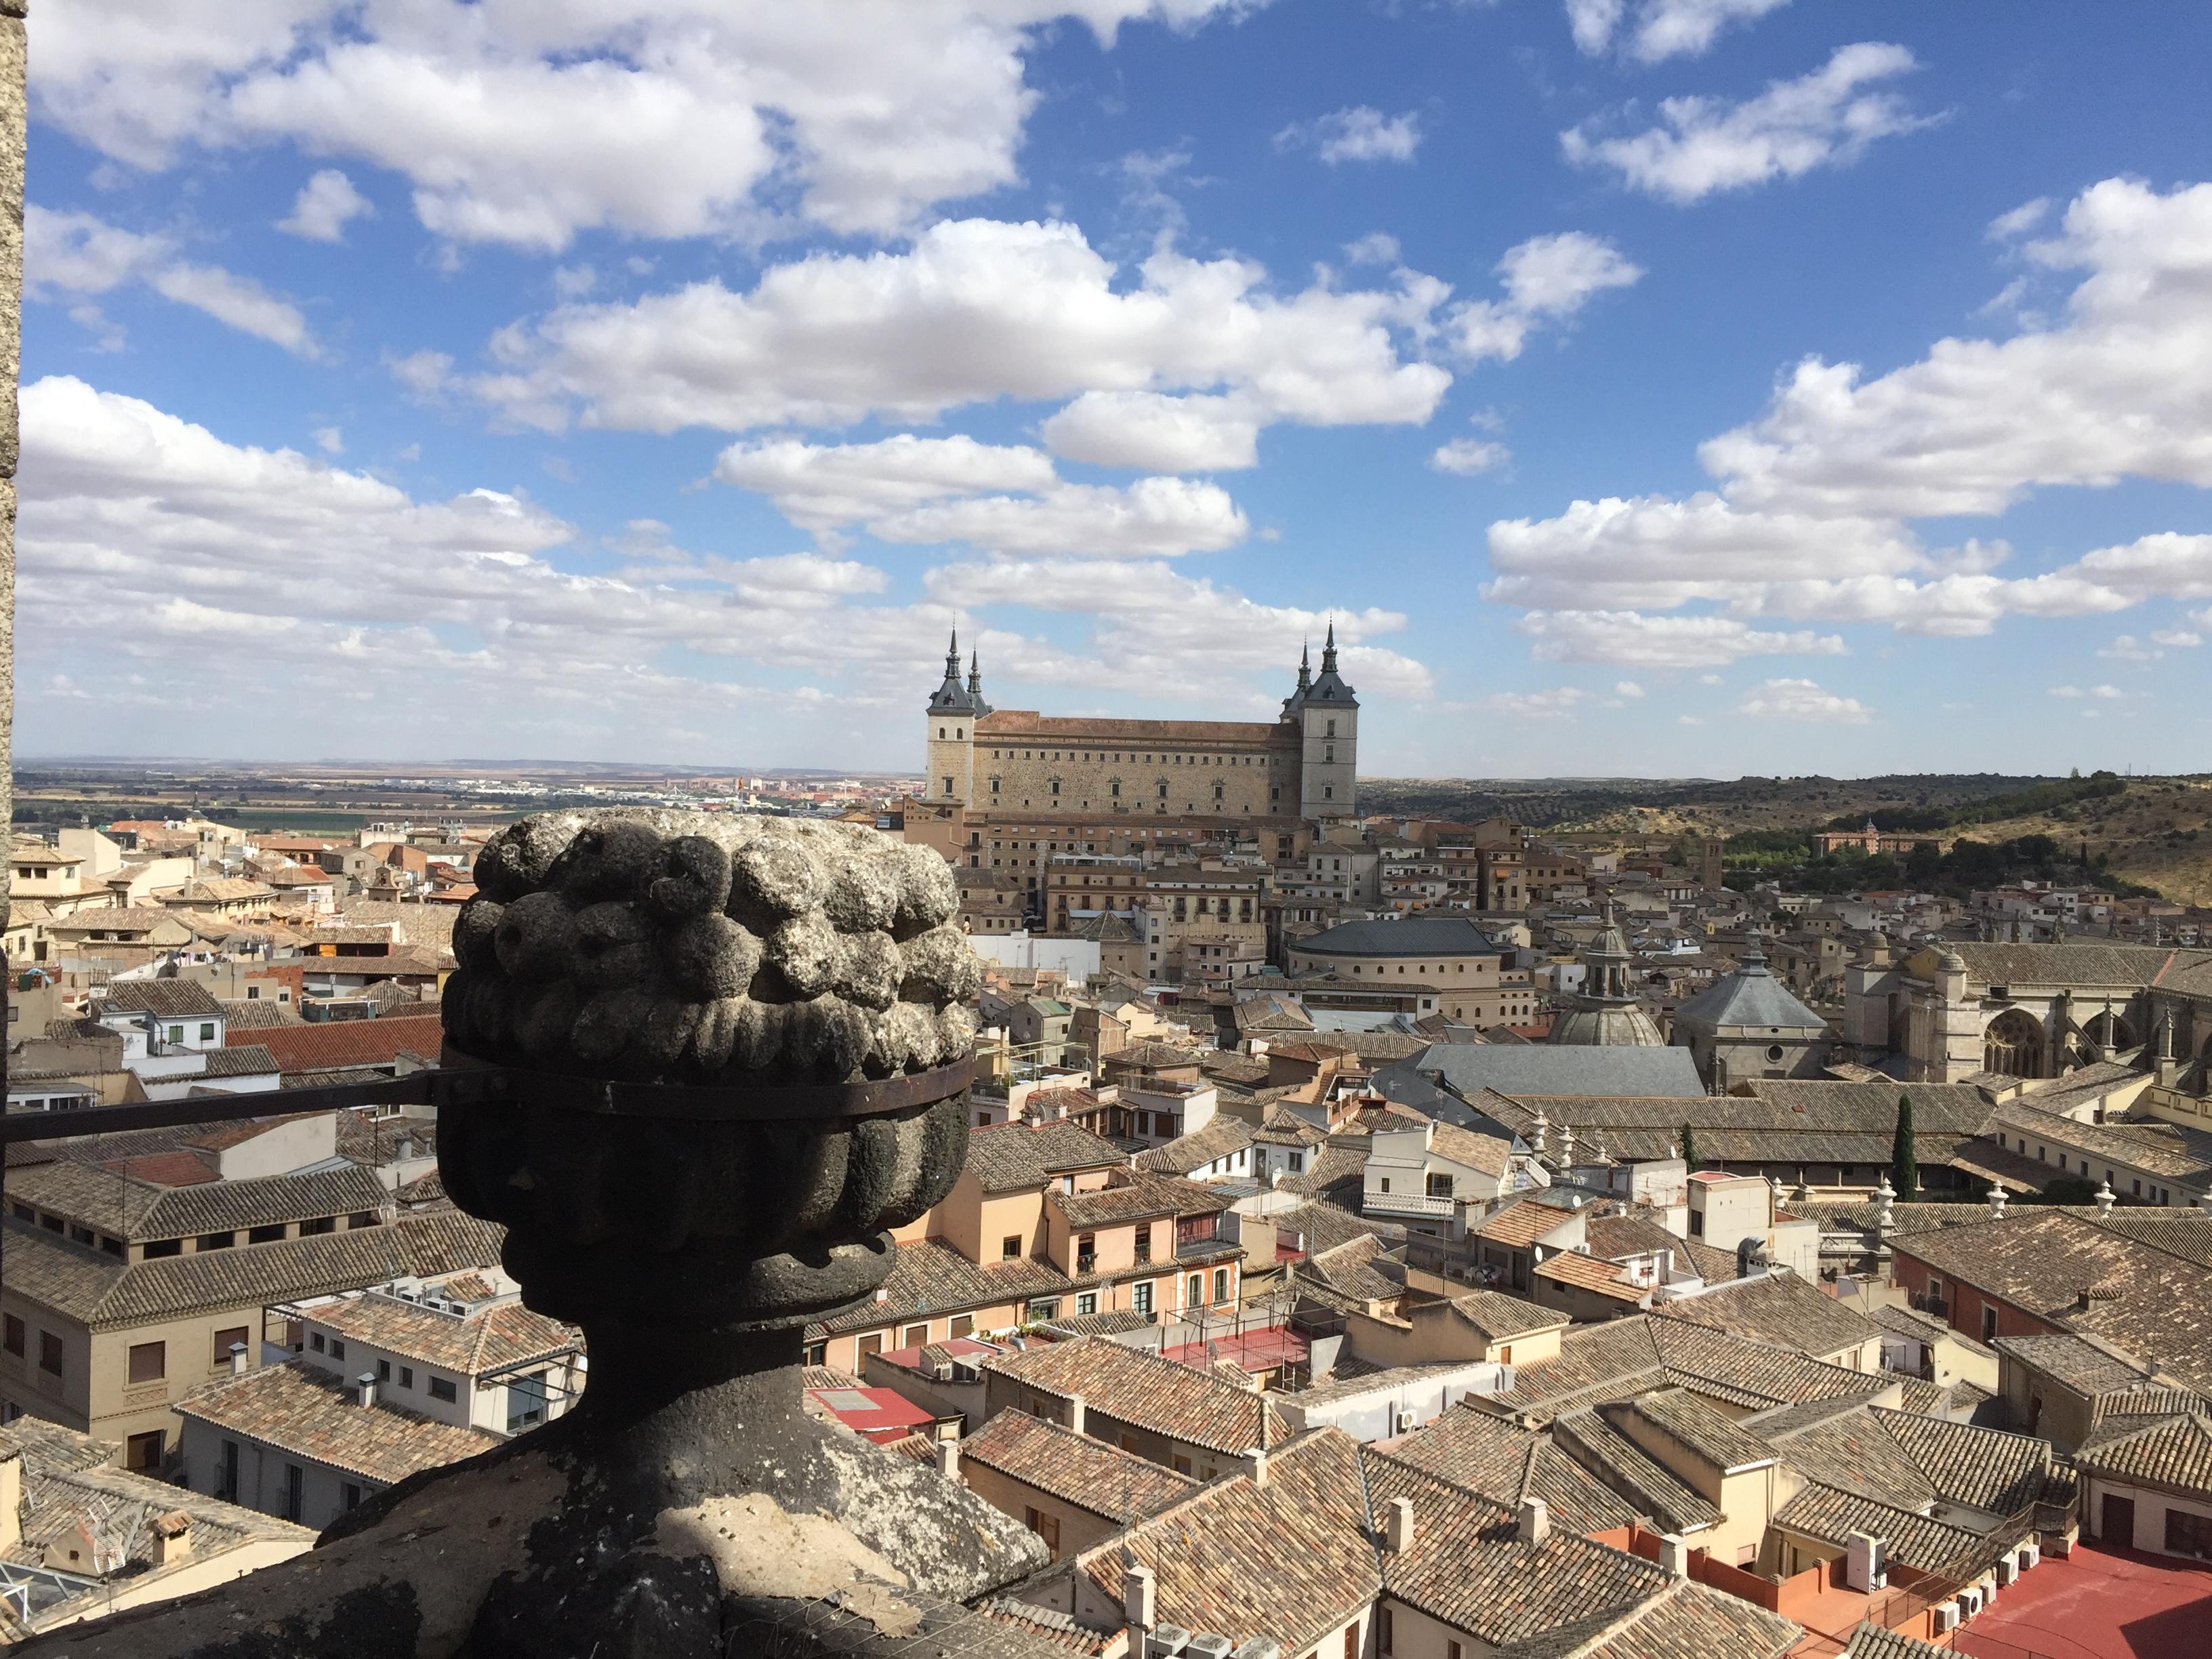 img 1824 - Toledo: ¿Que hacer, donde hospedarse y cuanto tiempo?